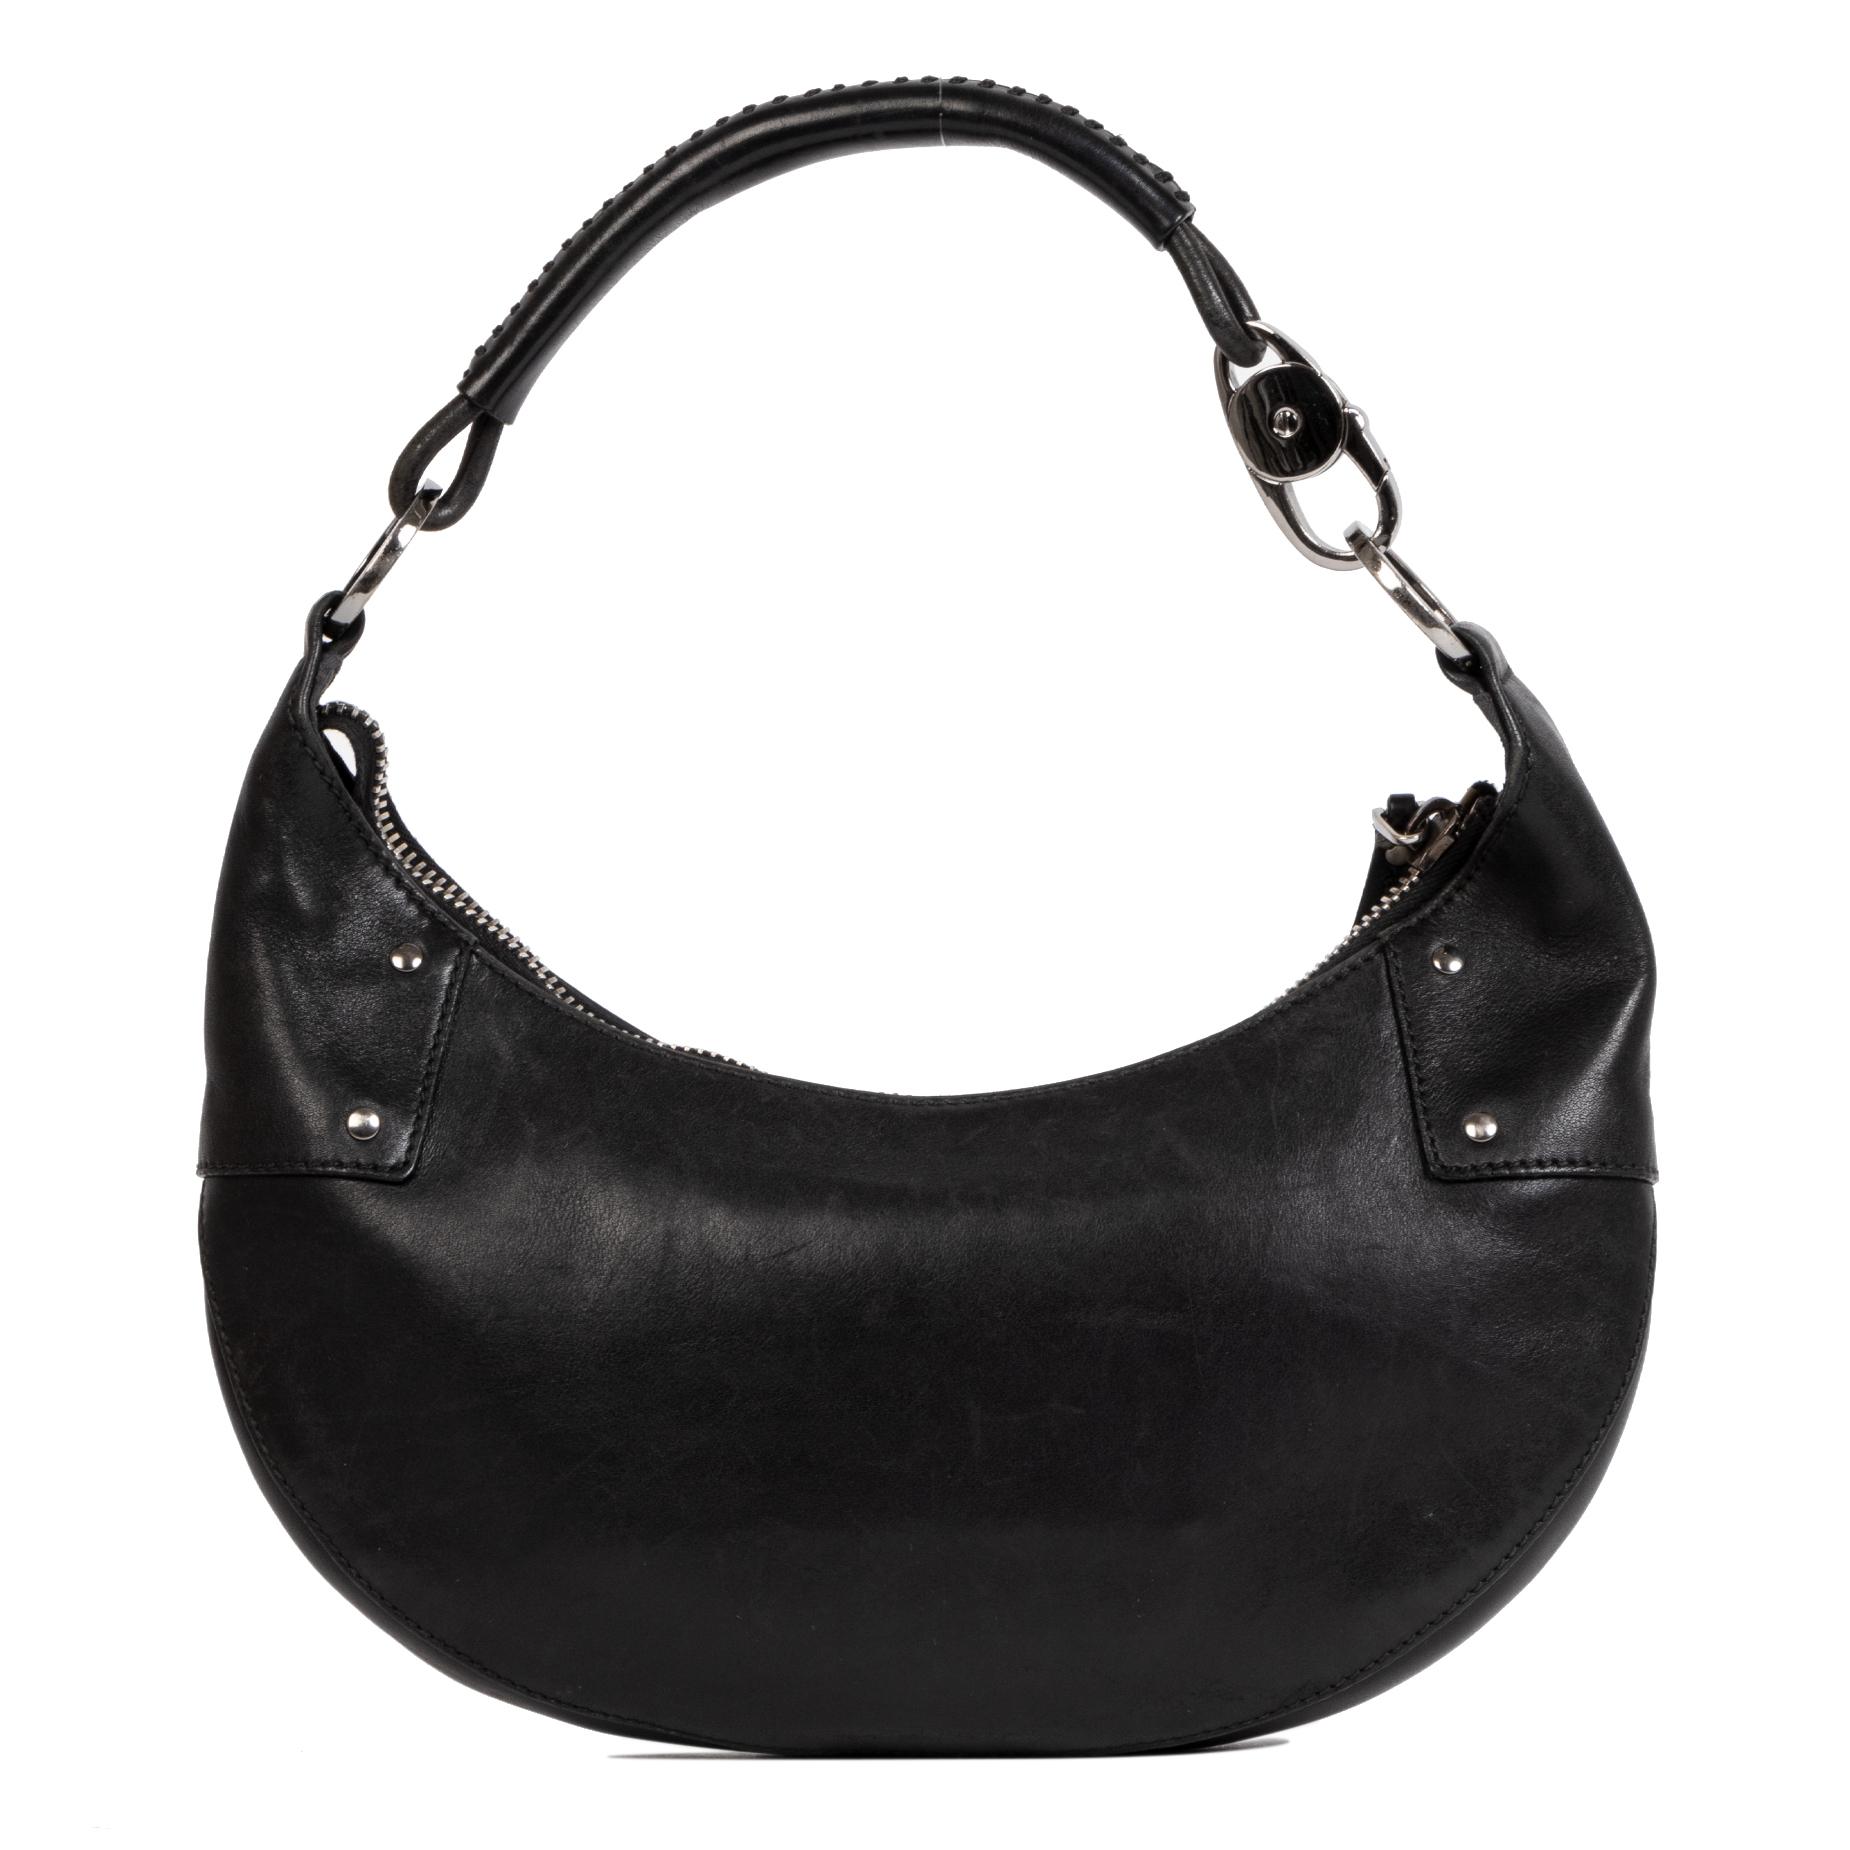 Gucci Black Leather Half Moon Bag pour le meilleur prix chez Labellov à Anvers Belgique